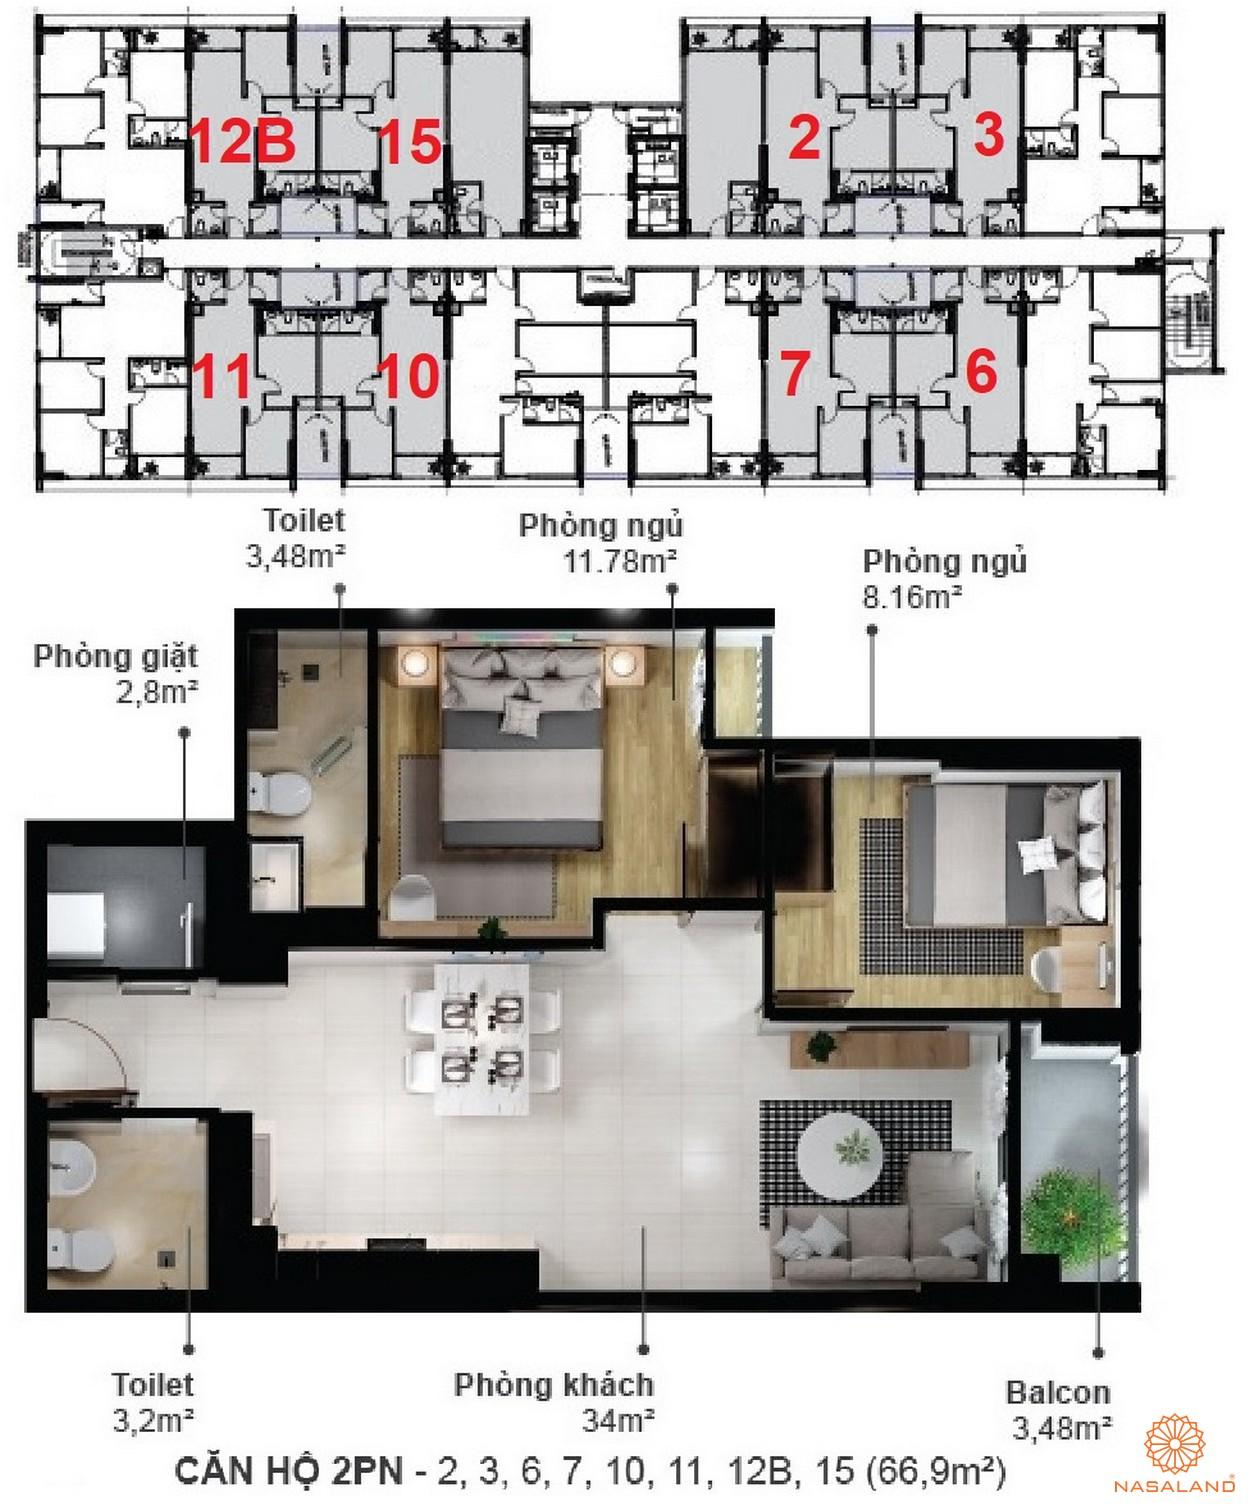 Mặt bằng dự án căn hộ Eco Xuân Sky Residences Bình Dương - 2 phòng ngủ